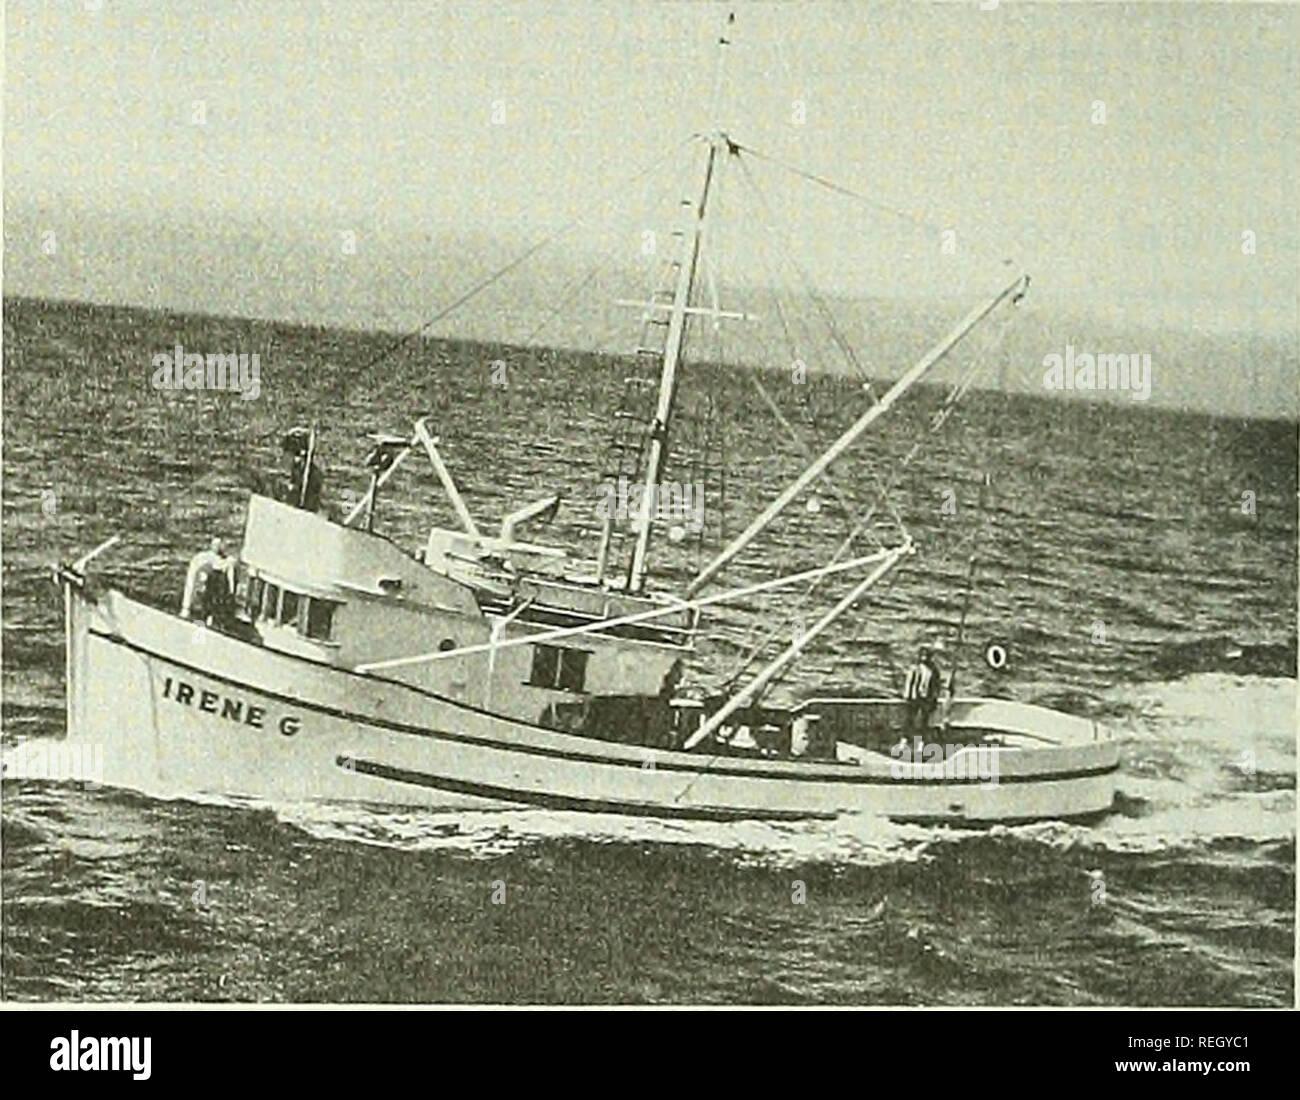 . Revisión de la pesca comercial. Pesca; el comercio de pescado. Los artículos de la pesquería de Cangrejo Dungeness alrededor de Kodiak, Alaska por Robert M. Meyer* Alaska cerqueros y barcazas de alimentación constituyen el grueso de la flota que pesca de cangrejos Dungeness en Kodiak aguas de Mayo a Octubre. Normalmente las tripulaciones número tres hombres que pueden definir, tire y restablecer más de diez cadenas de 30 pot un día en aguas poco profundas, las aguas cercanas a la costa. Los botes son cebadas con arenque, almejas o calamares. Como cada olla se tira, la captura se coloca en los tanques llenos con cir- culating agua del mar para asegurar la entrega en directo a las plantas de procesamiento. Los cangrejos son generalmente butche Foto de stock